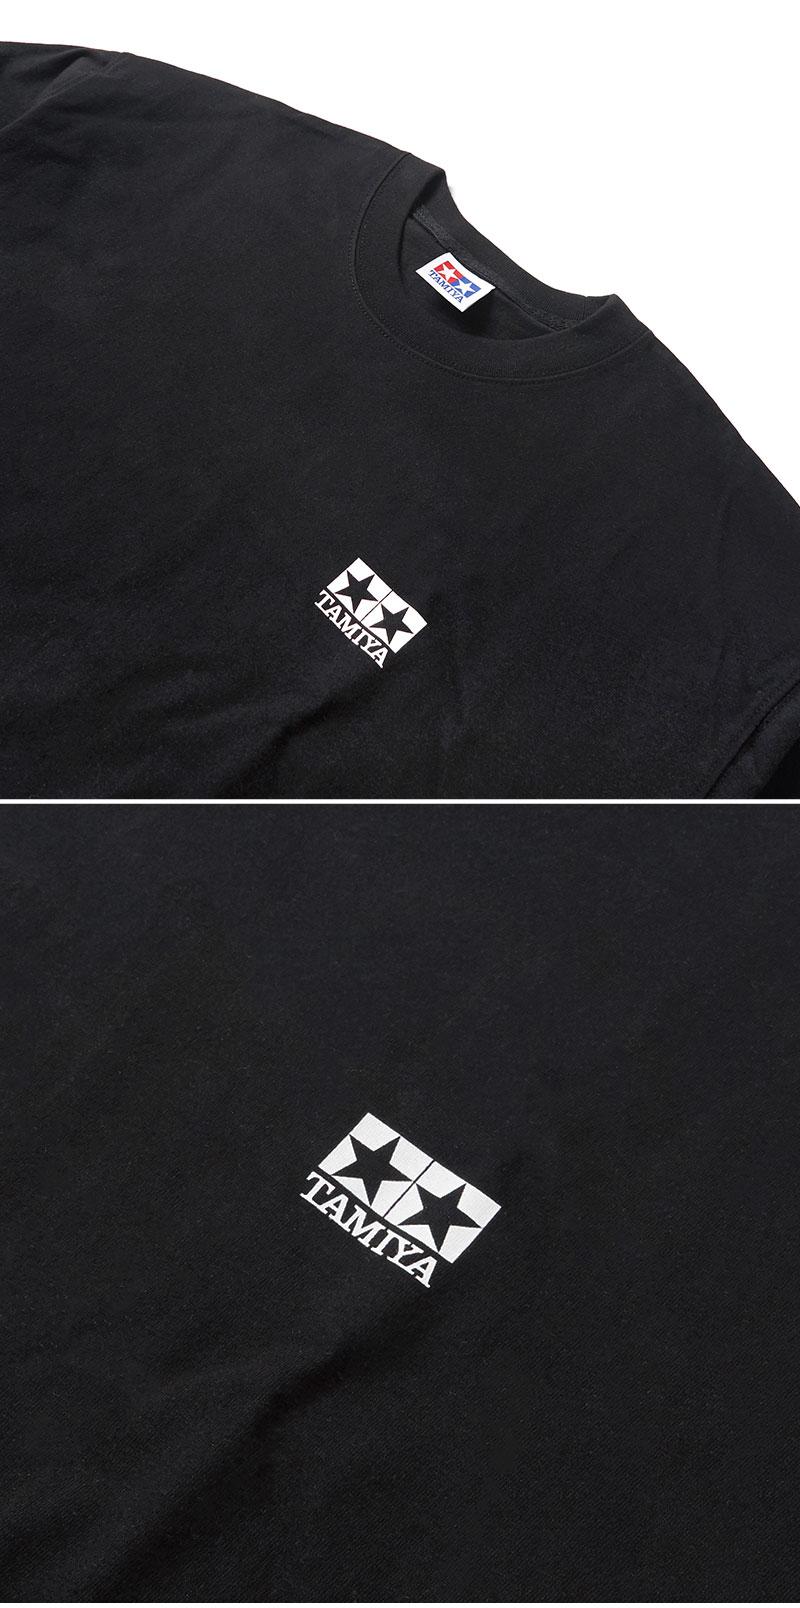 크리틱(CRITIC) TAMIYA X CRITIC SPONSOR LOGO LONG SLEEVE T-SHIRT(BLACK)_CSONURL01UC6